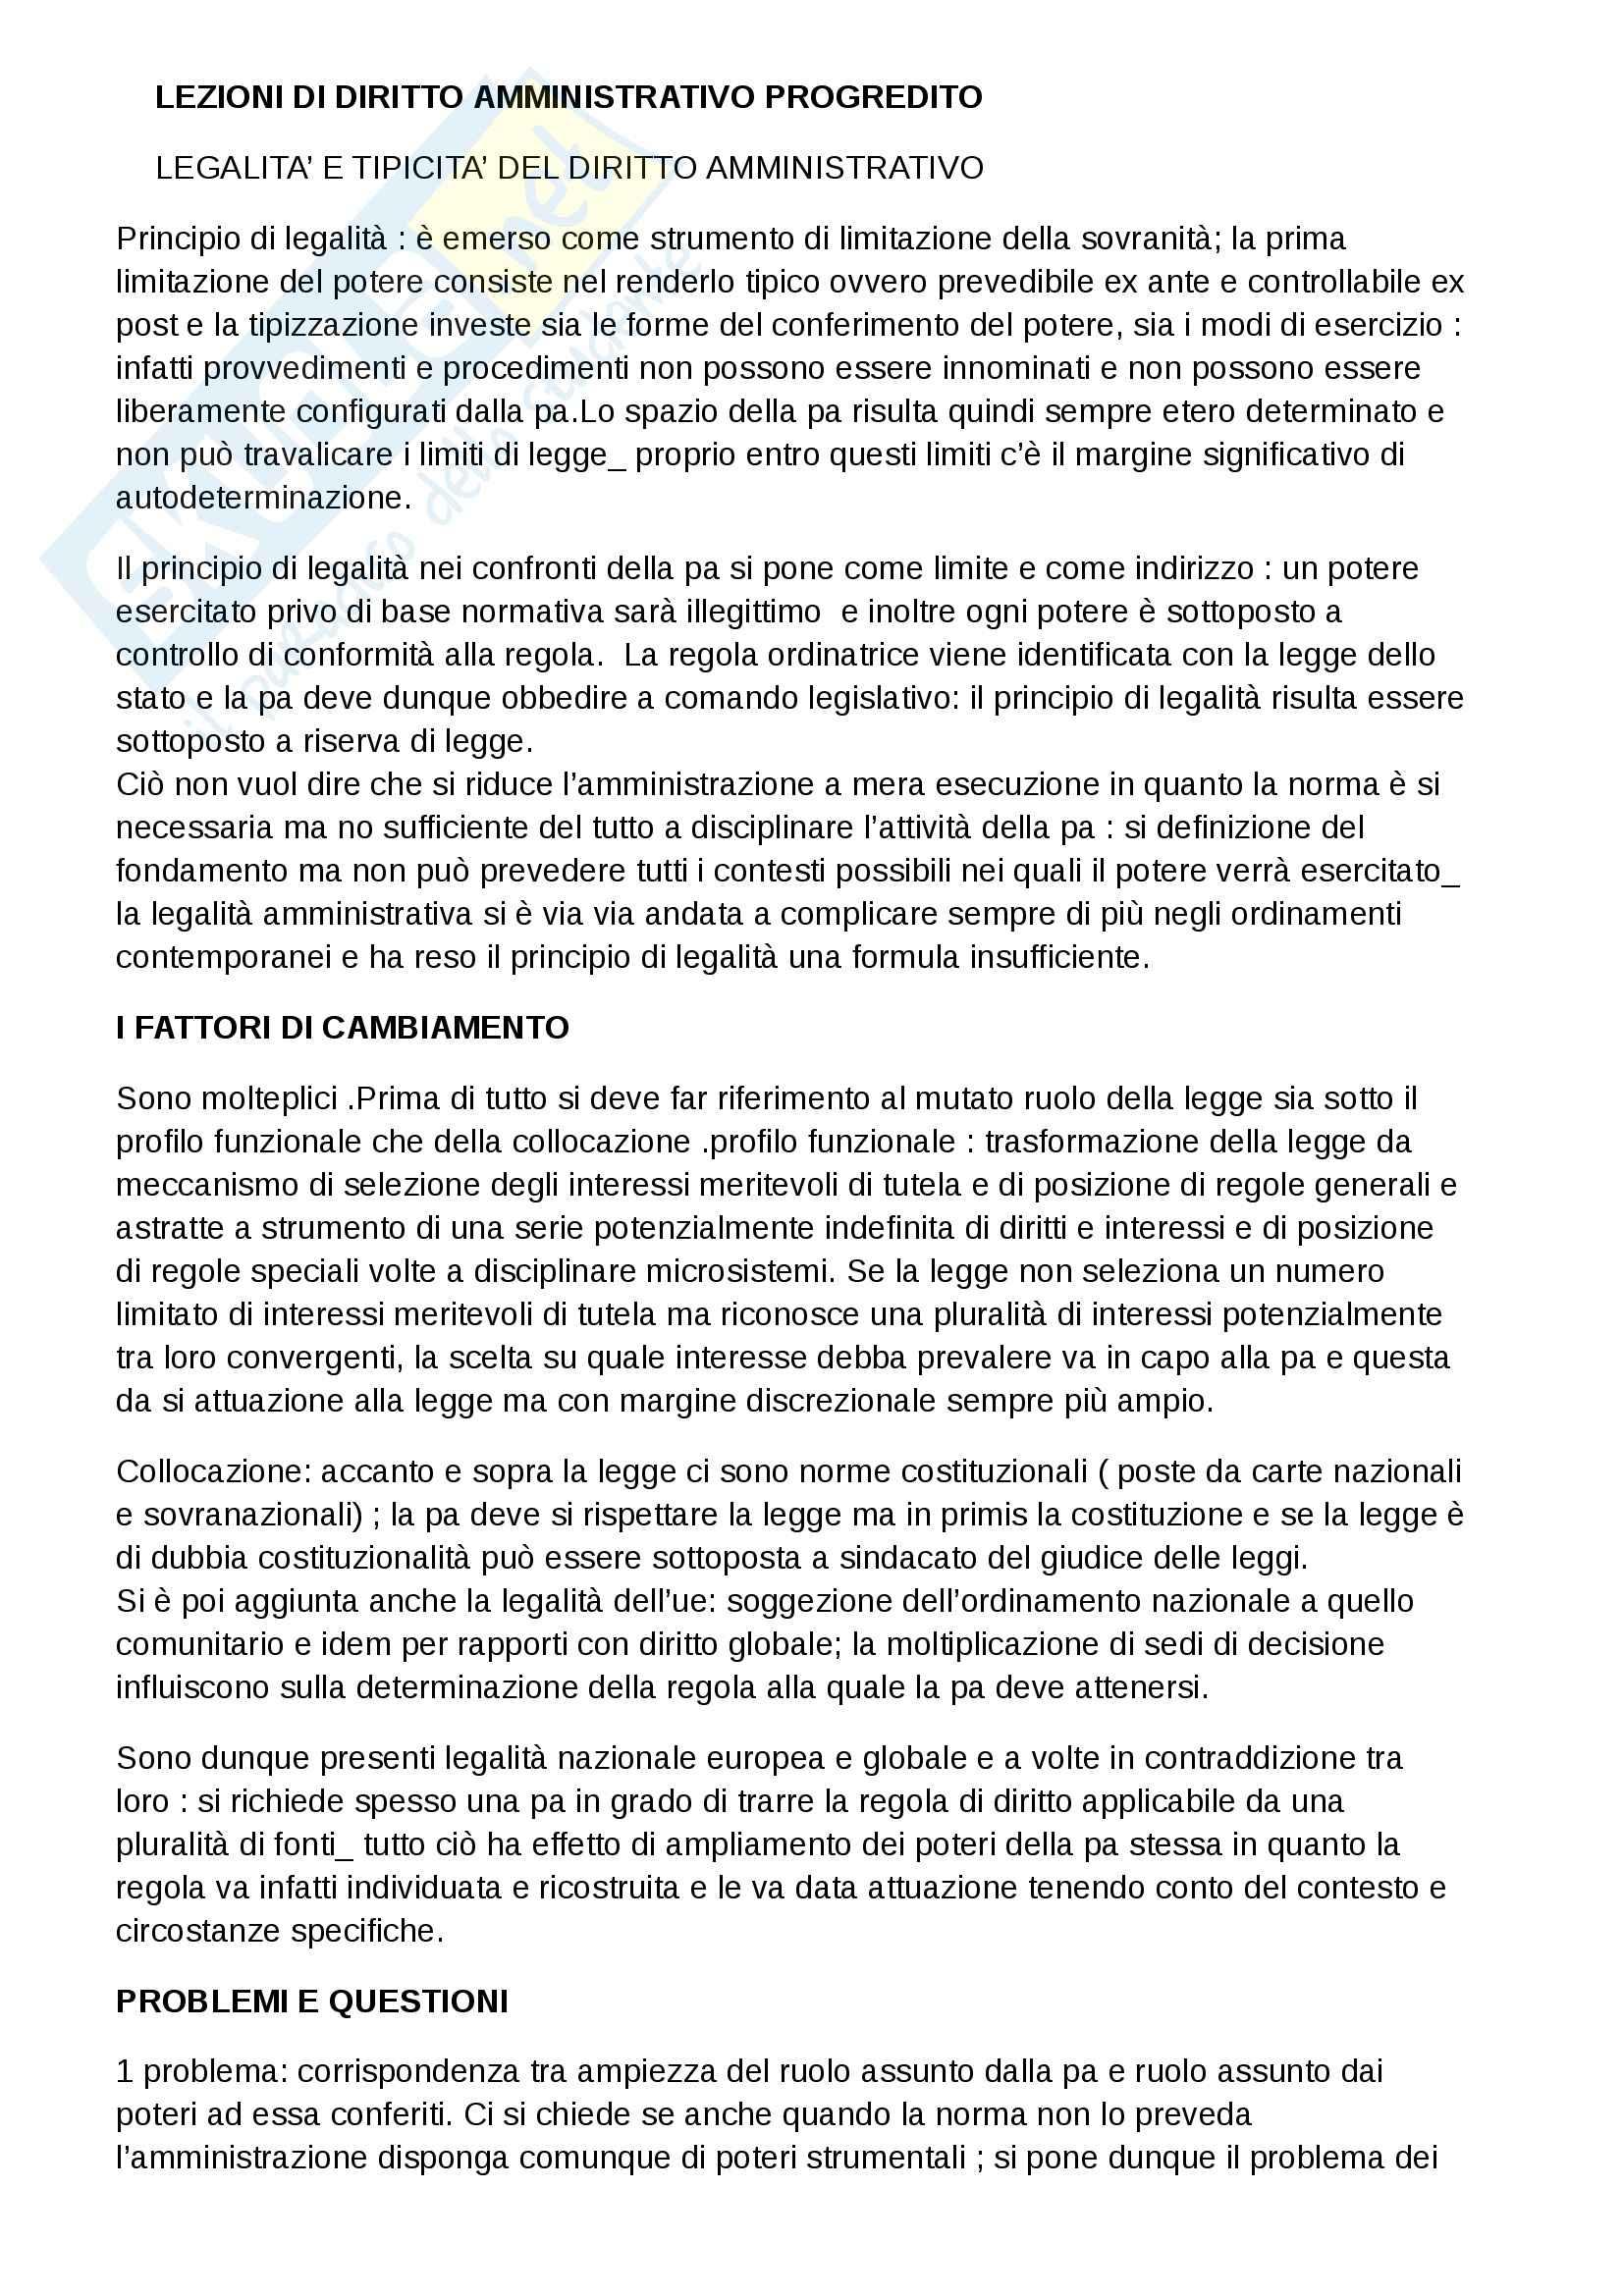 Riassunto esame diritto amministrativo II. prof. Napolitano, libro consigliato Lezioni di diritto amministrativo progredito, Torchia